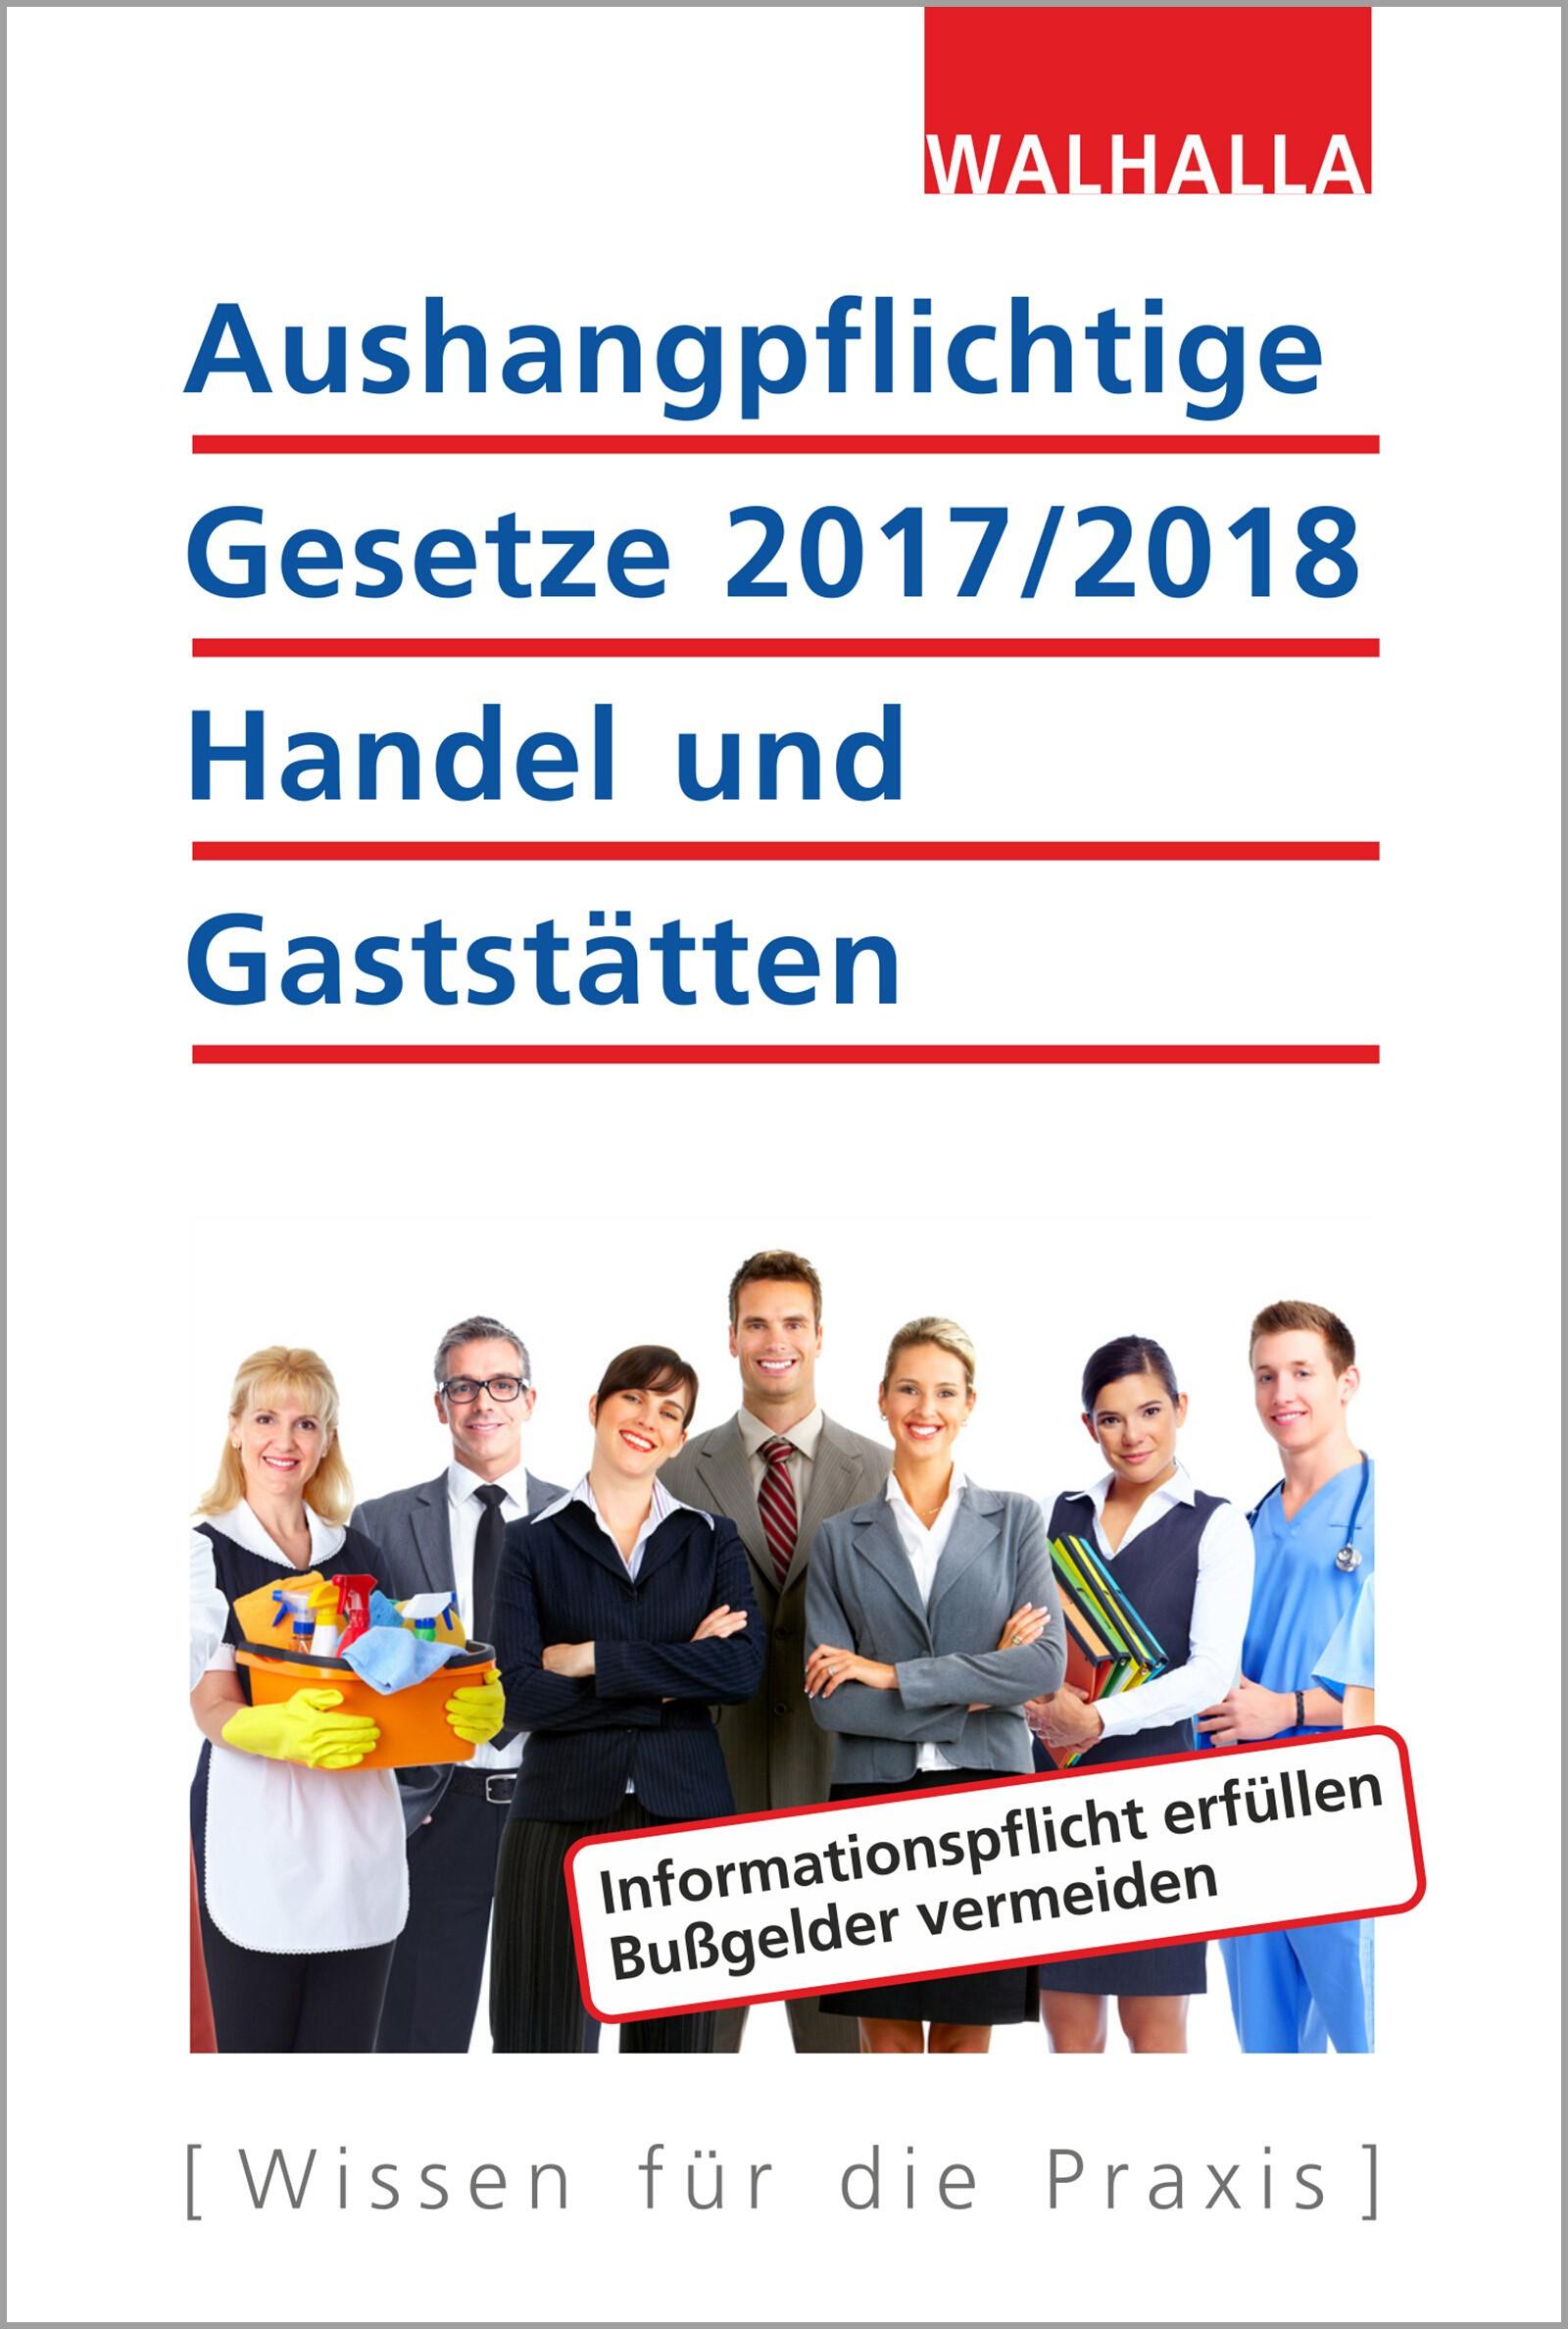 Aushangpflichtige Gesetze 2017/2018 Handel und Gaststätten, 2017 | Buch (Cover)